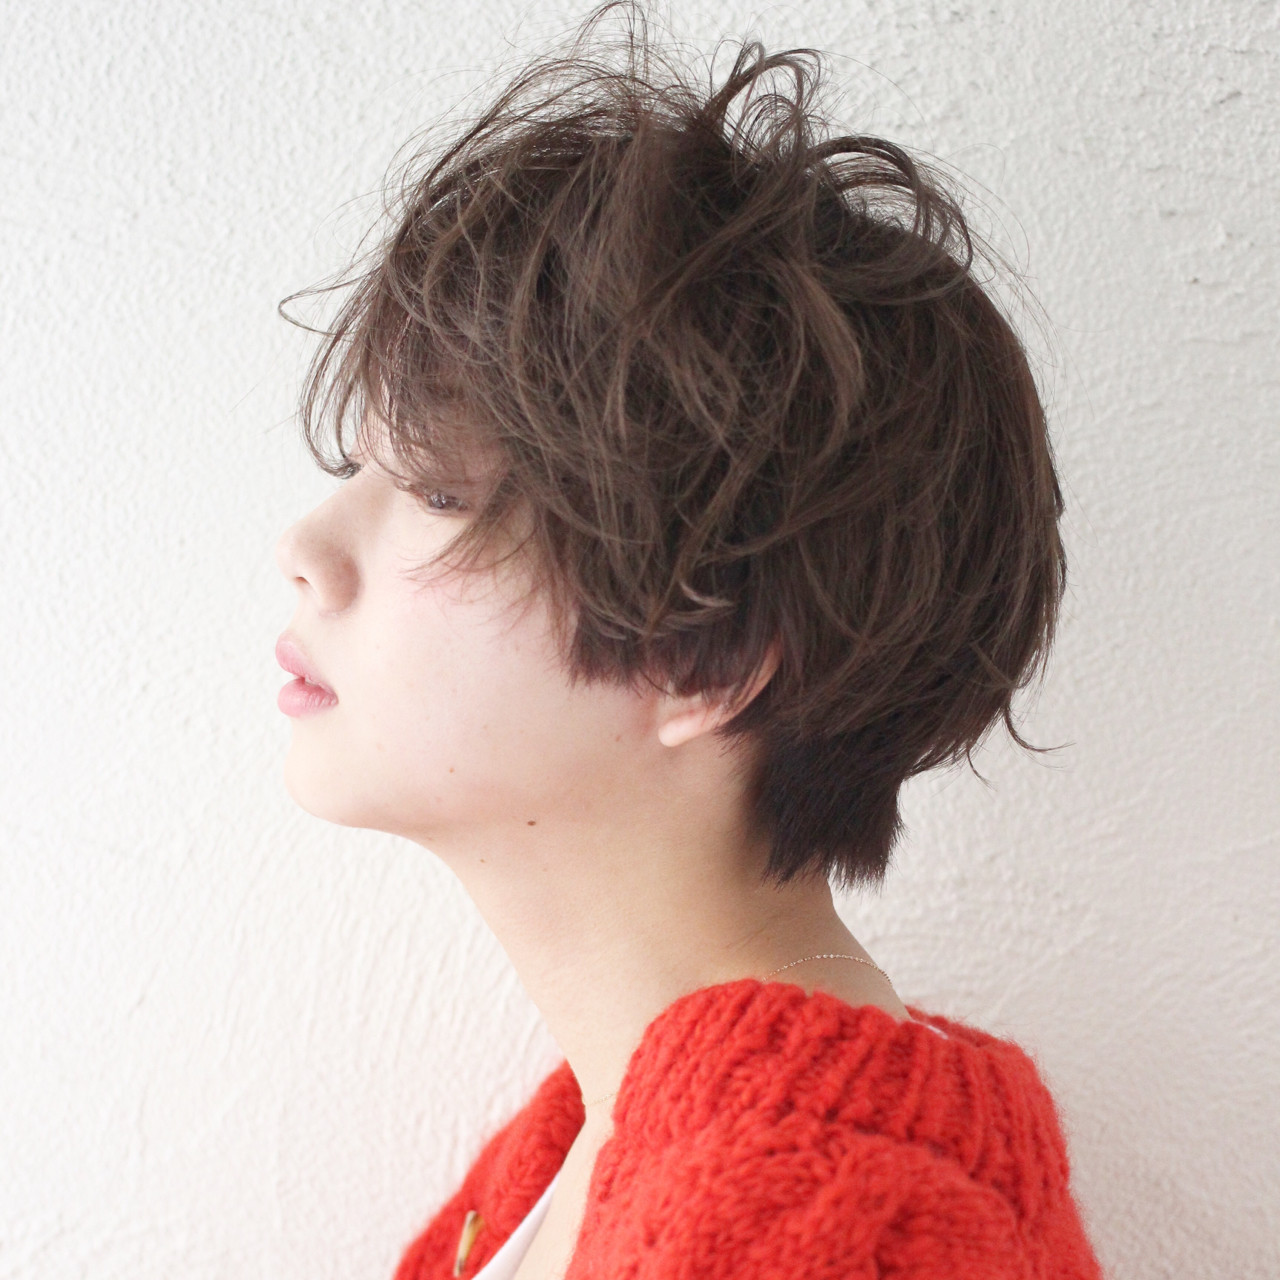 ショートヘア×ふんわりパーマでアンニュイな印象に! 増永 剛大/Un ami | Un ami omotesando